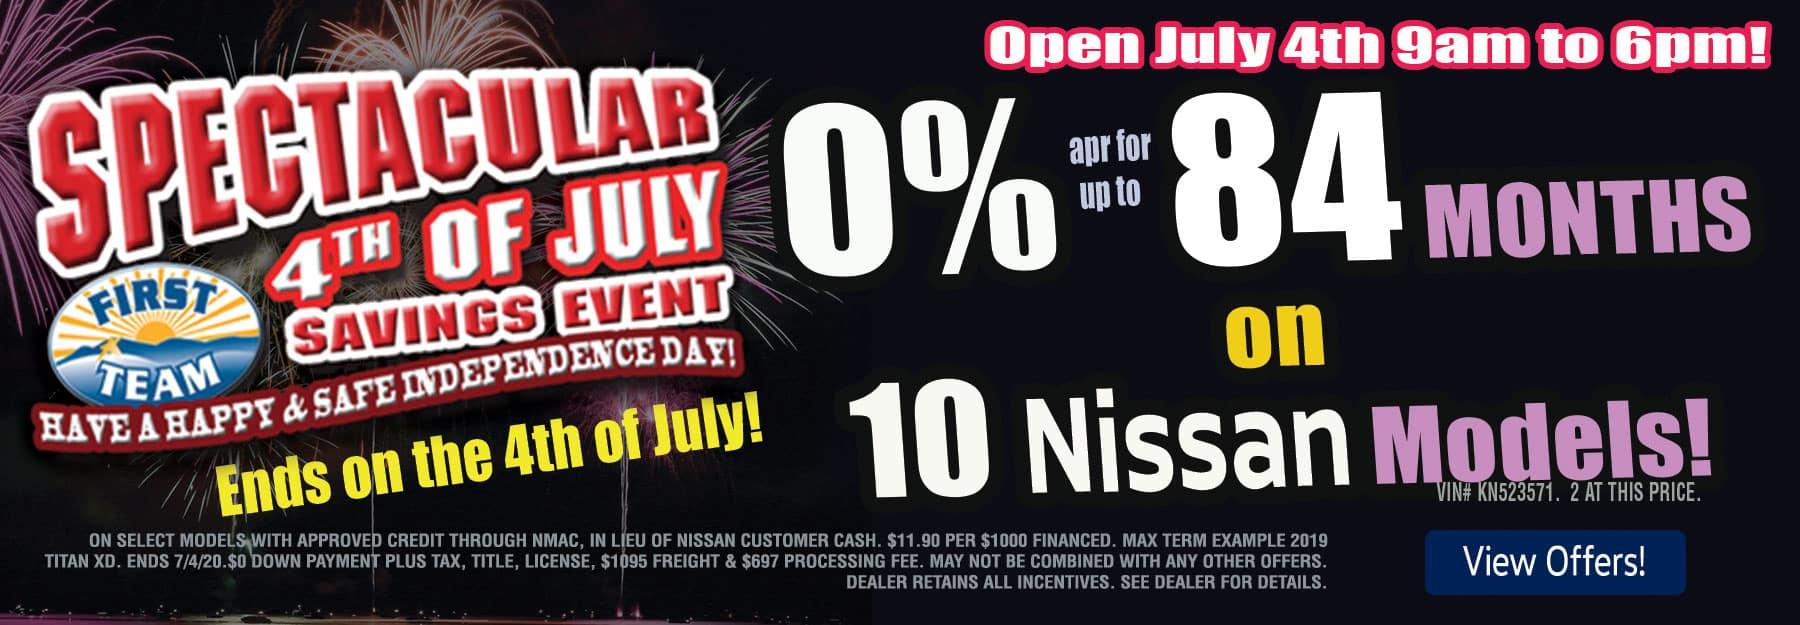 Nissan-final-days-4th-July-June-0%--off-slide